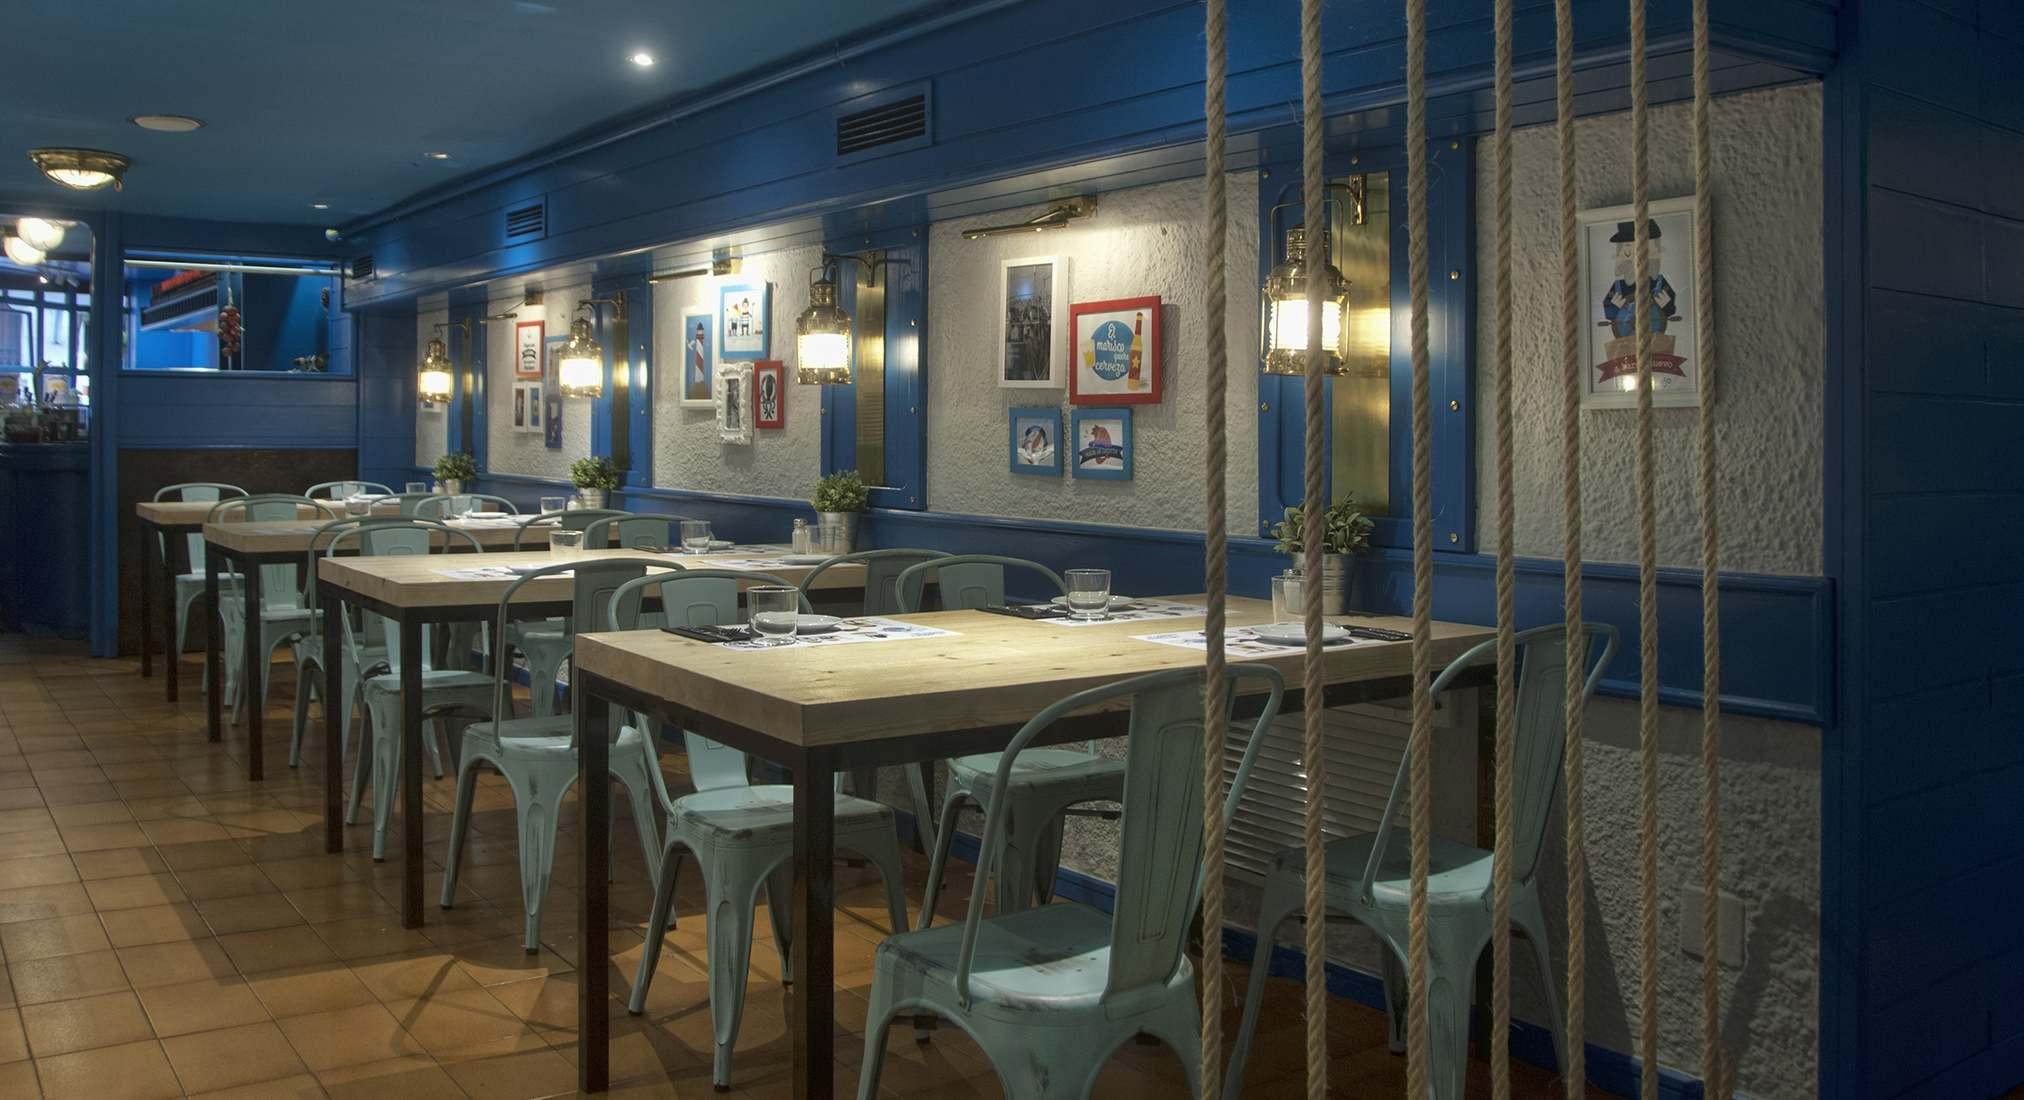 Taperia solera gallega fusteria oll - Restaurante solera gallega ...